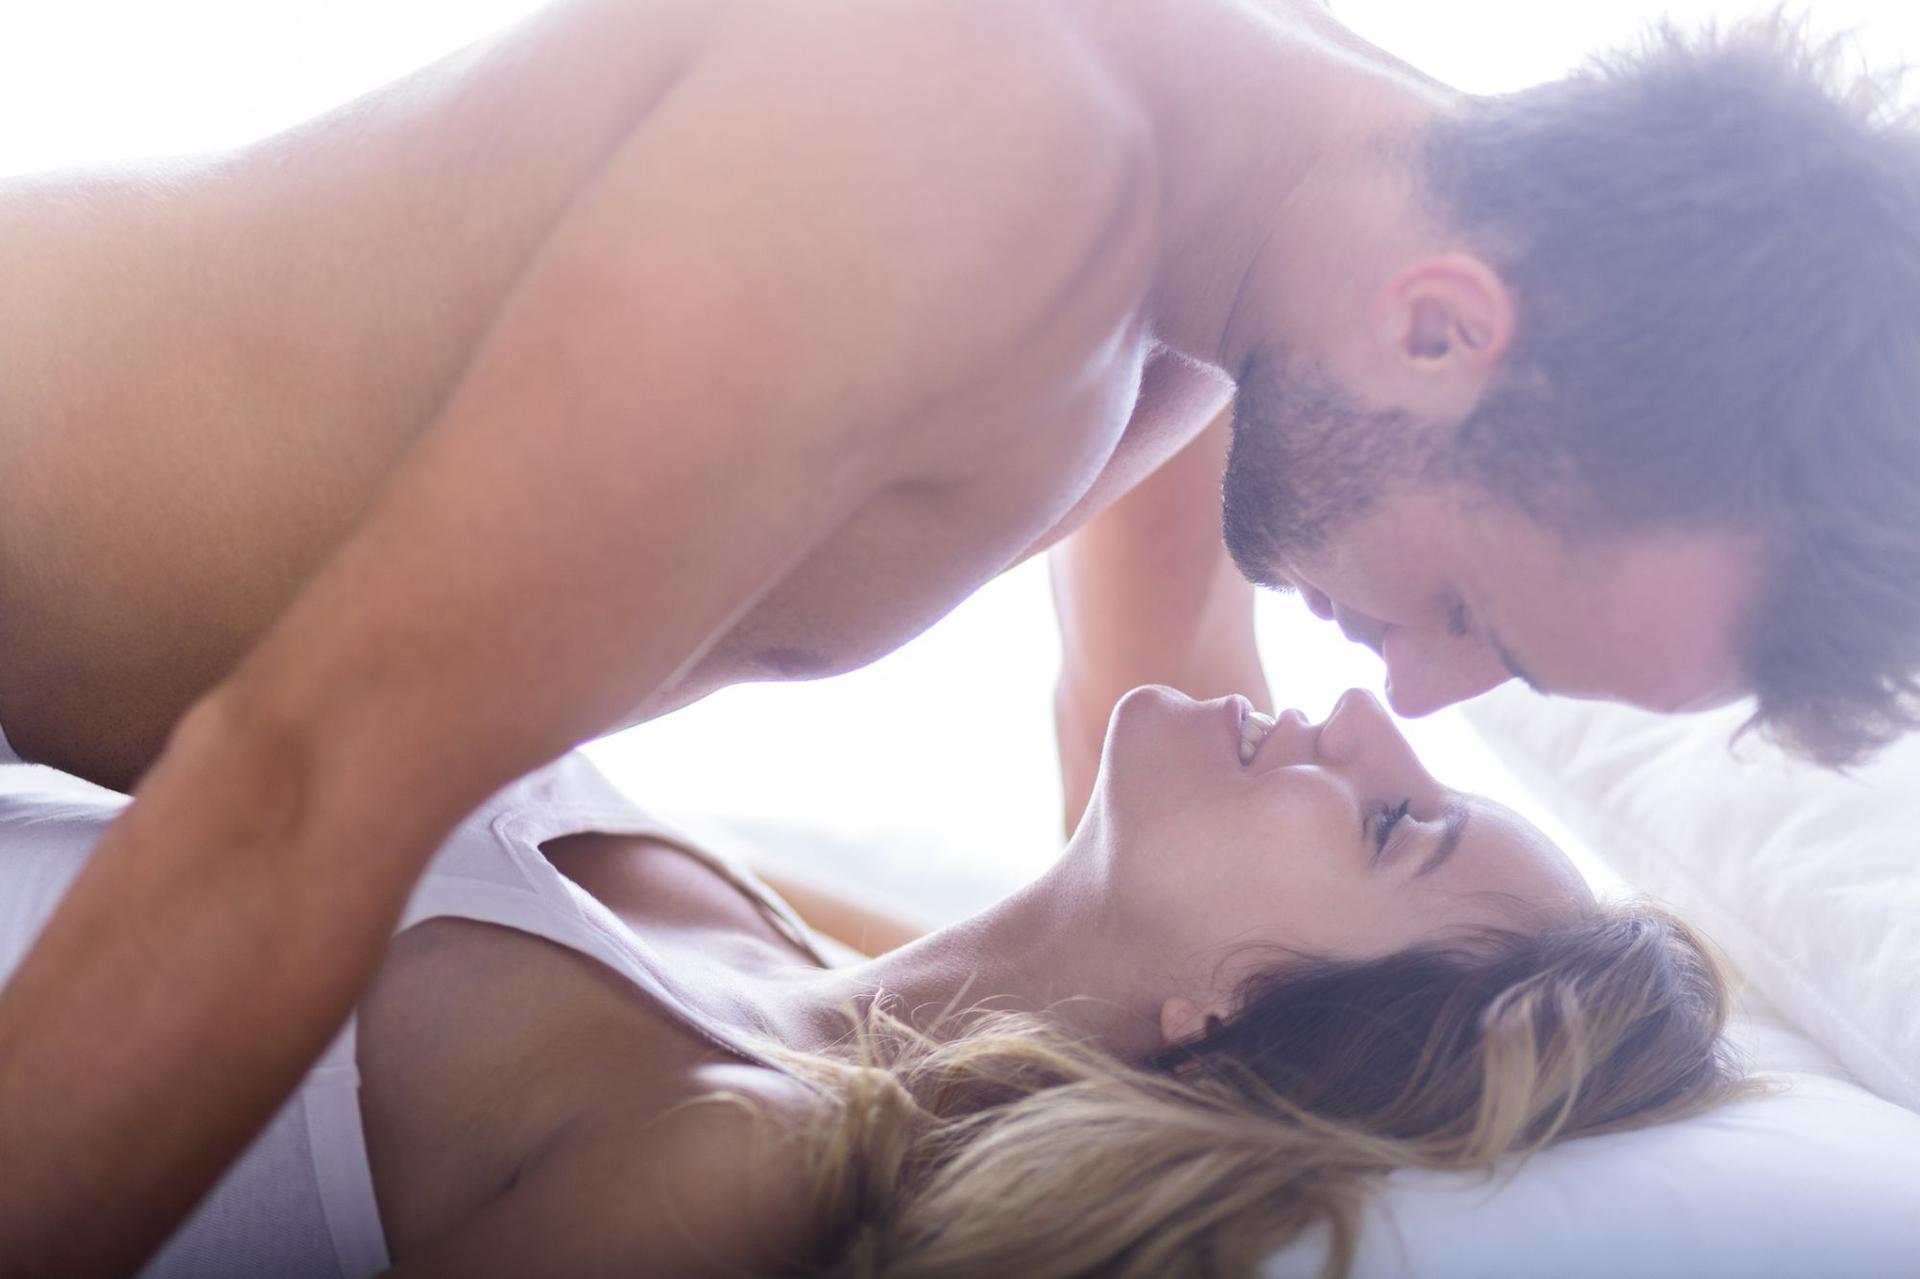 Kotek najlepiej sex oralny